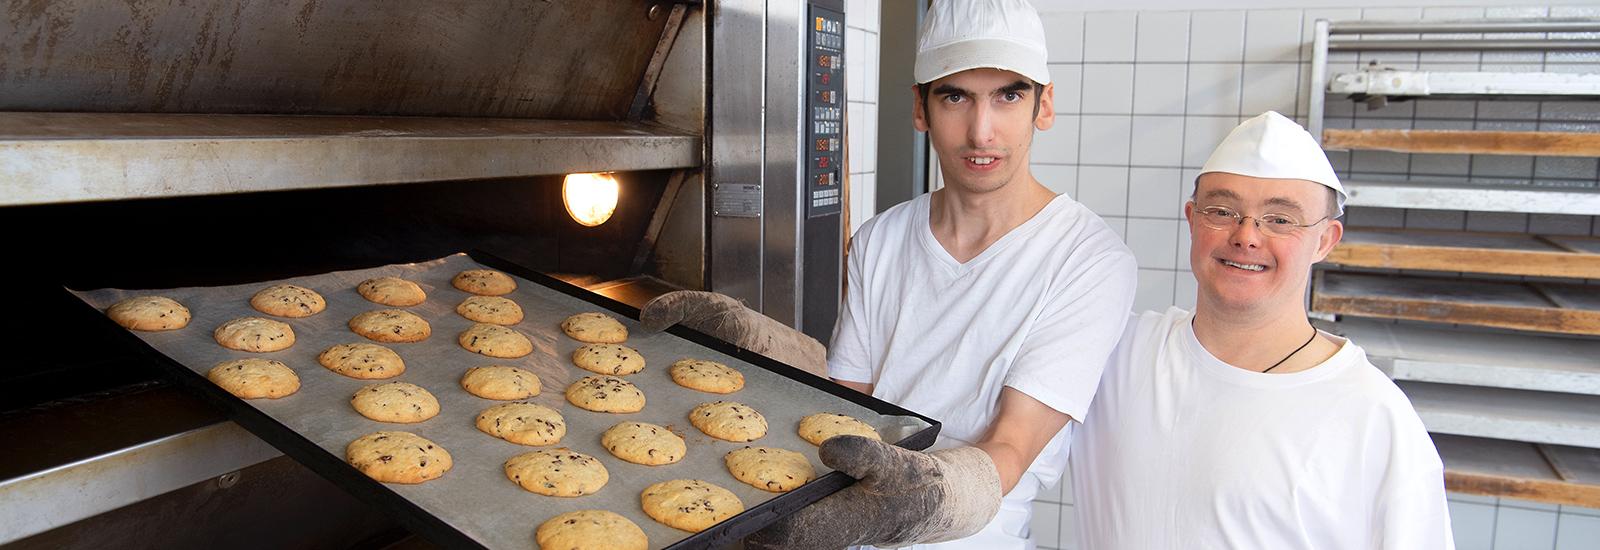 Bäckerei Troxler Werkstätten